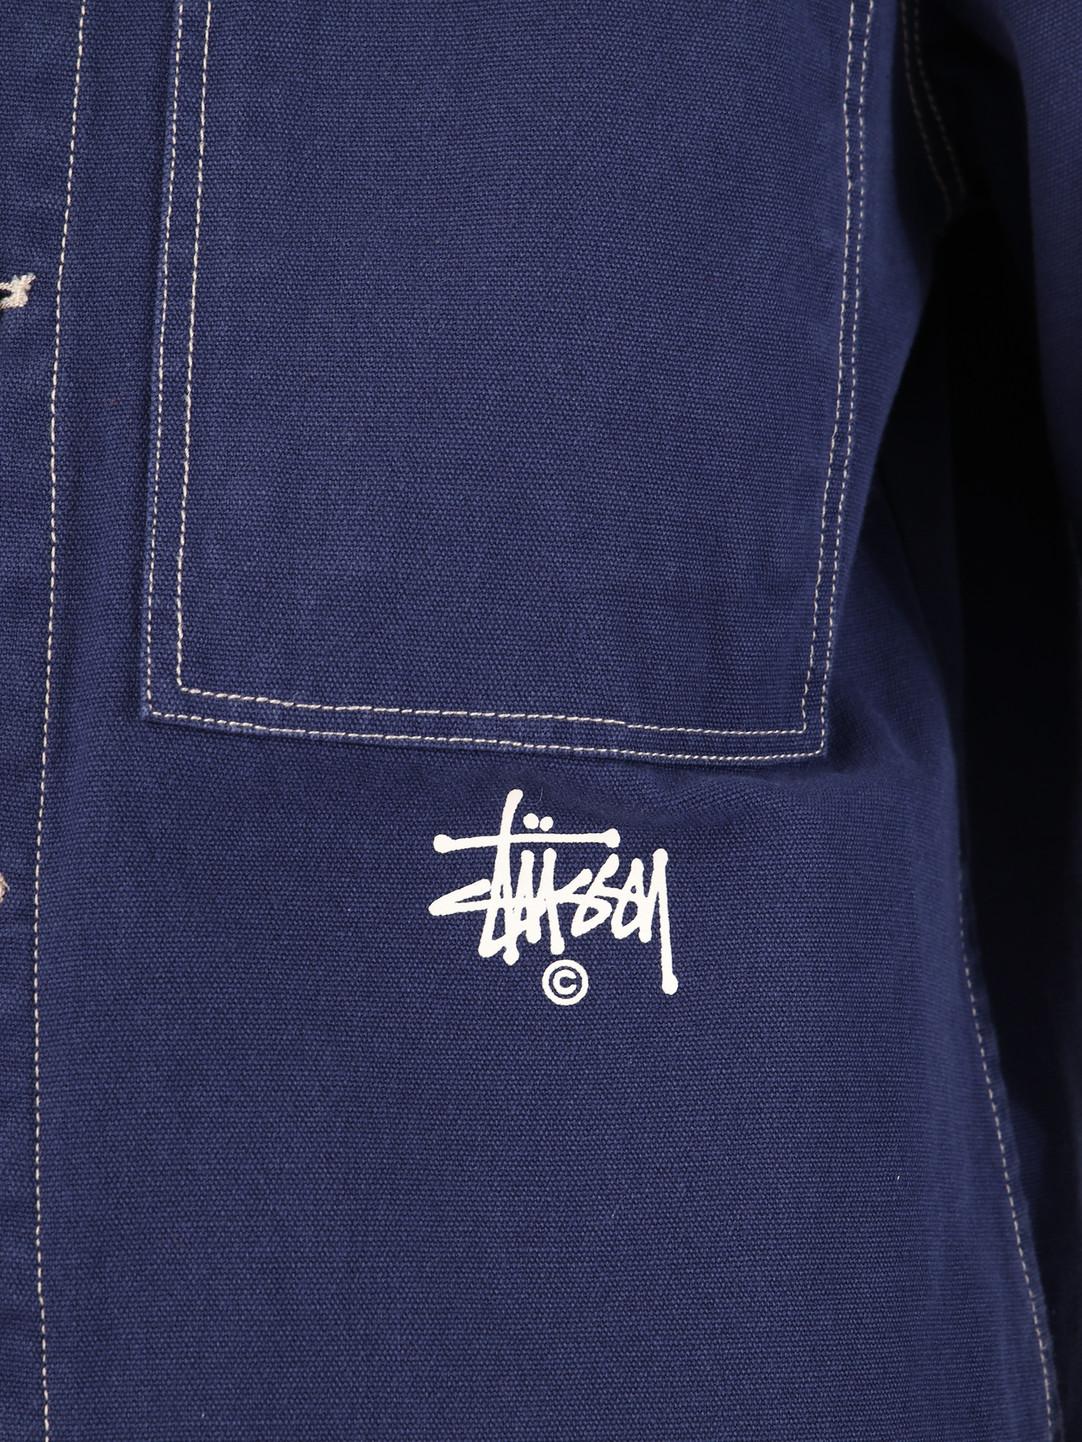 Stussy Stussy Canvas Shop Jacket Navy 0806